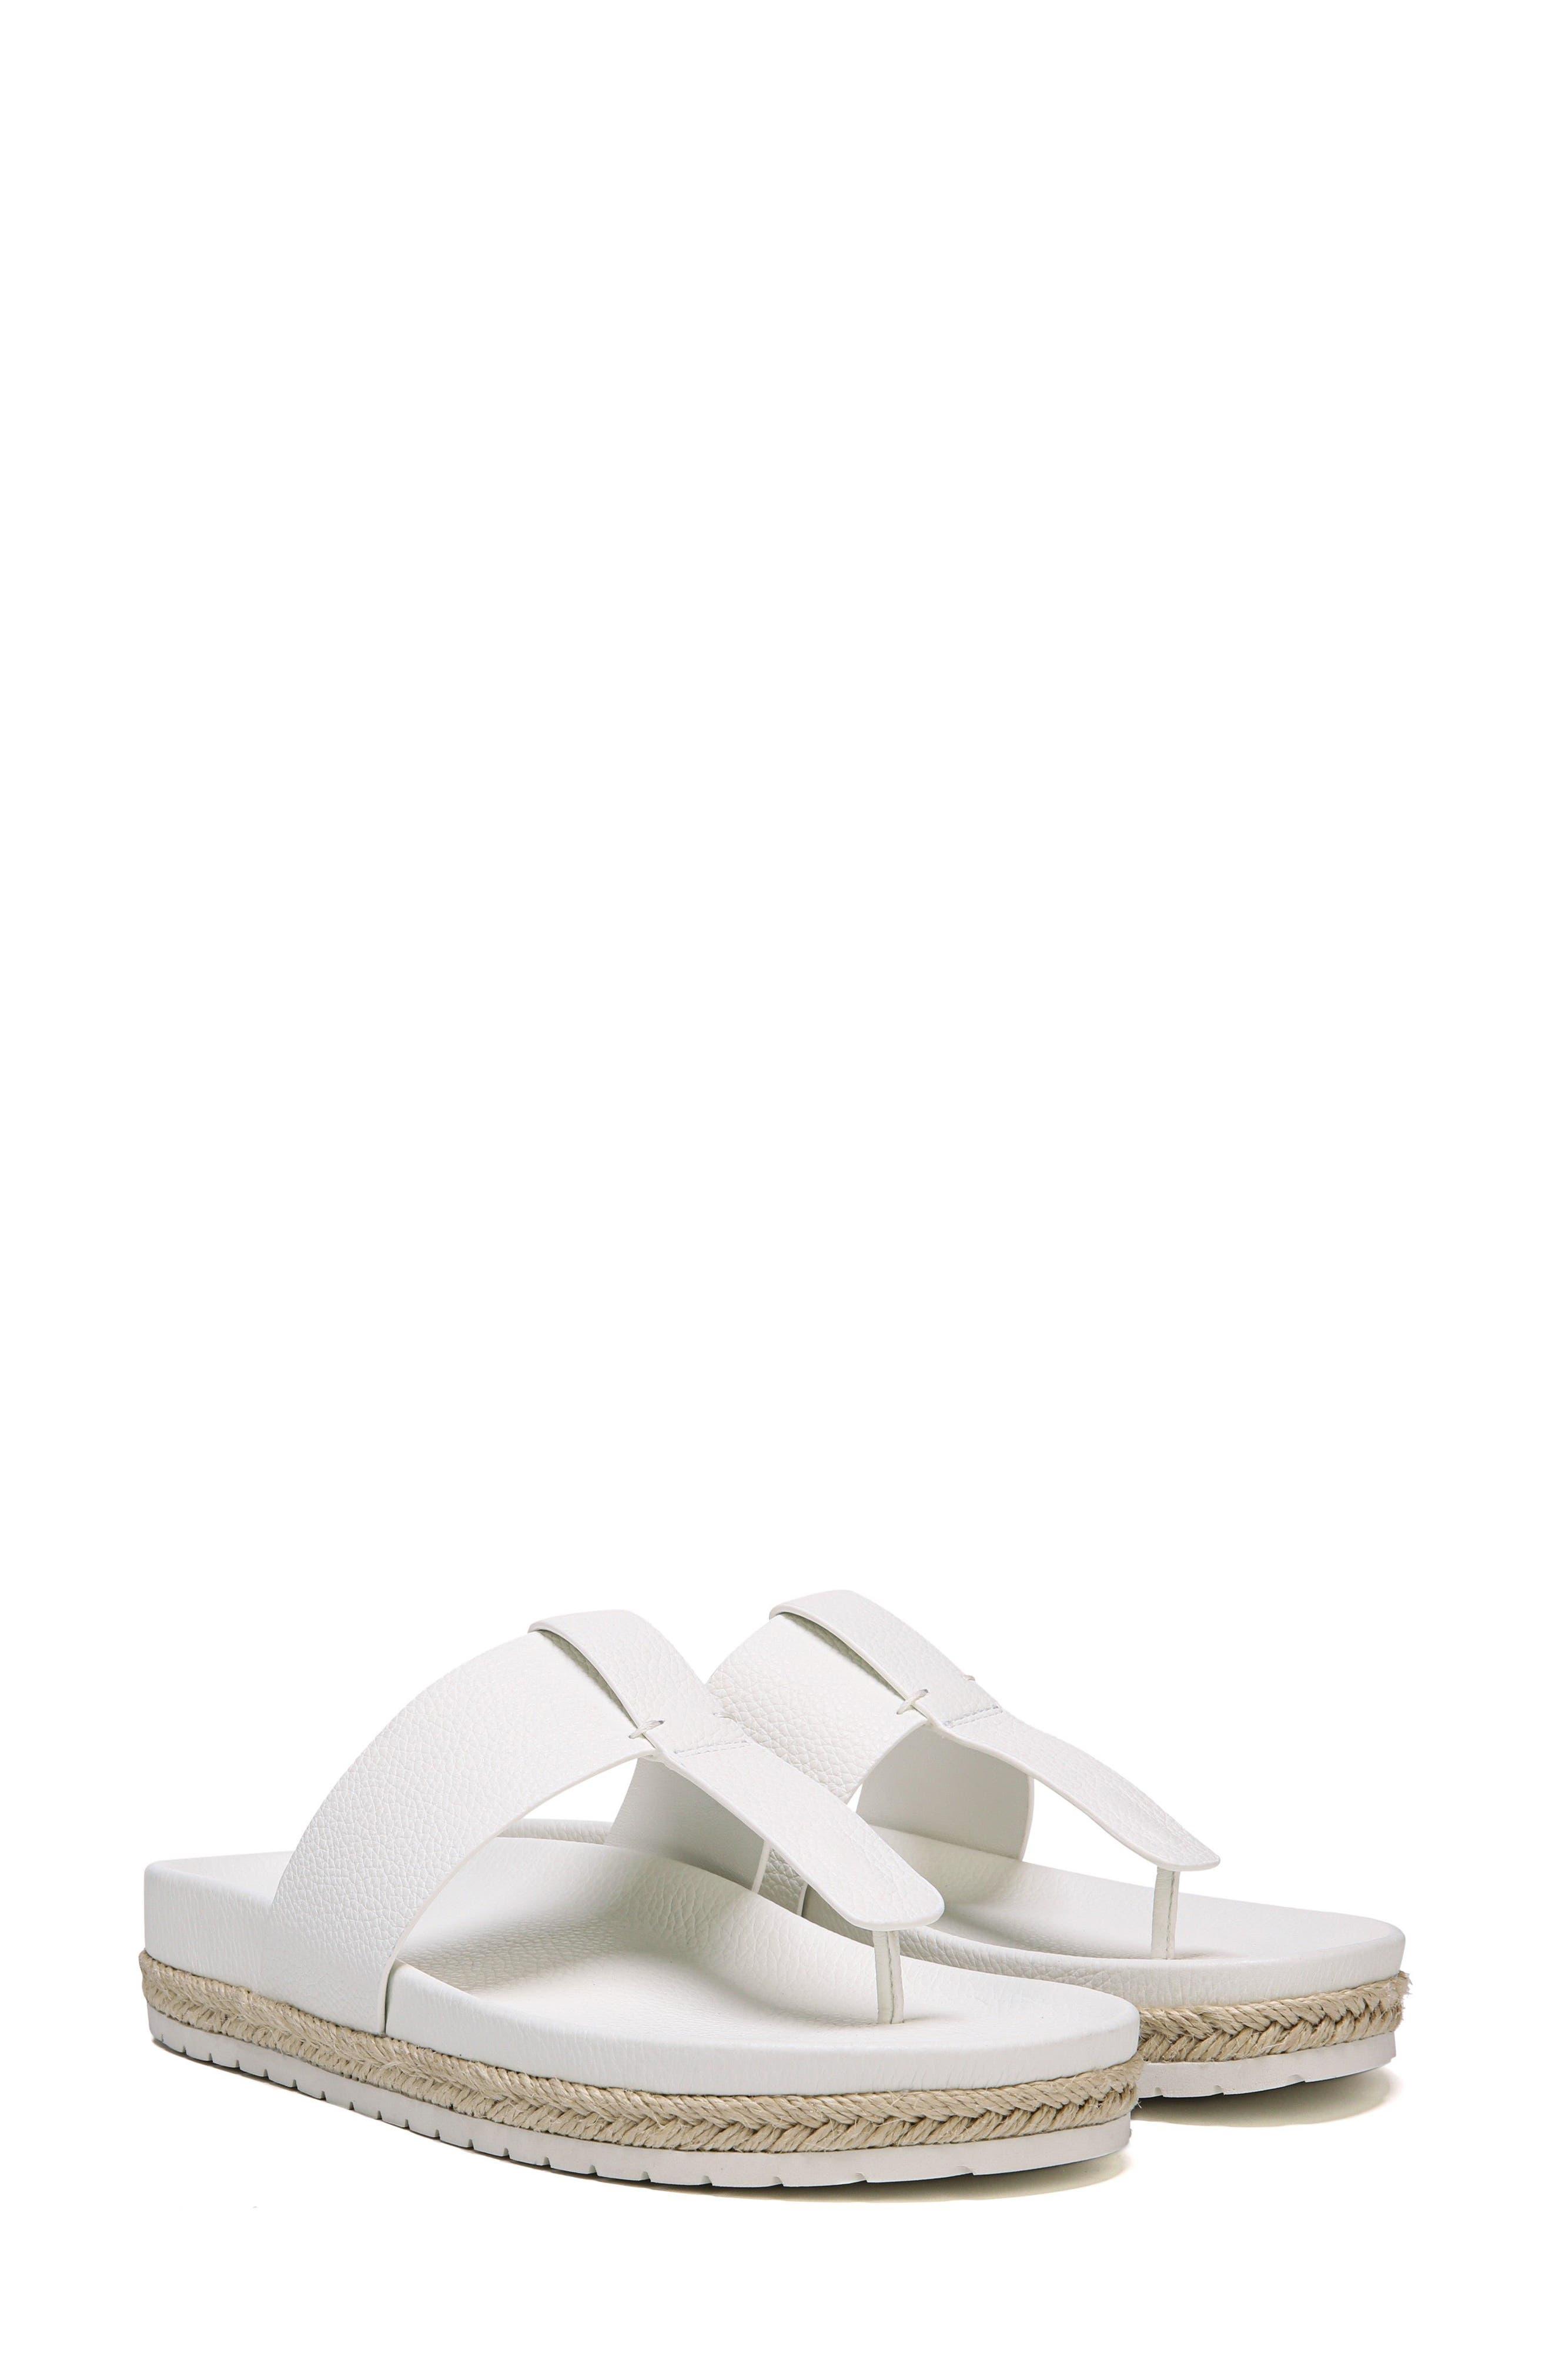 Avani T-Strap Flat Sandal,                             Alternate thumbnail 31, color,